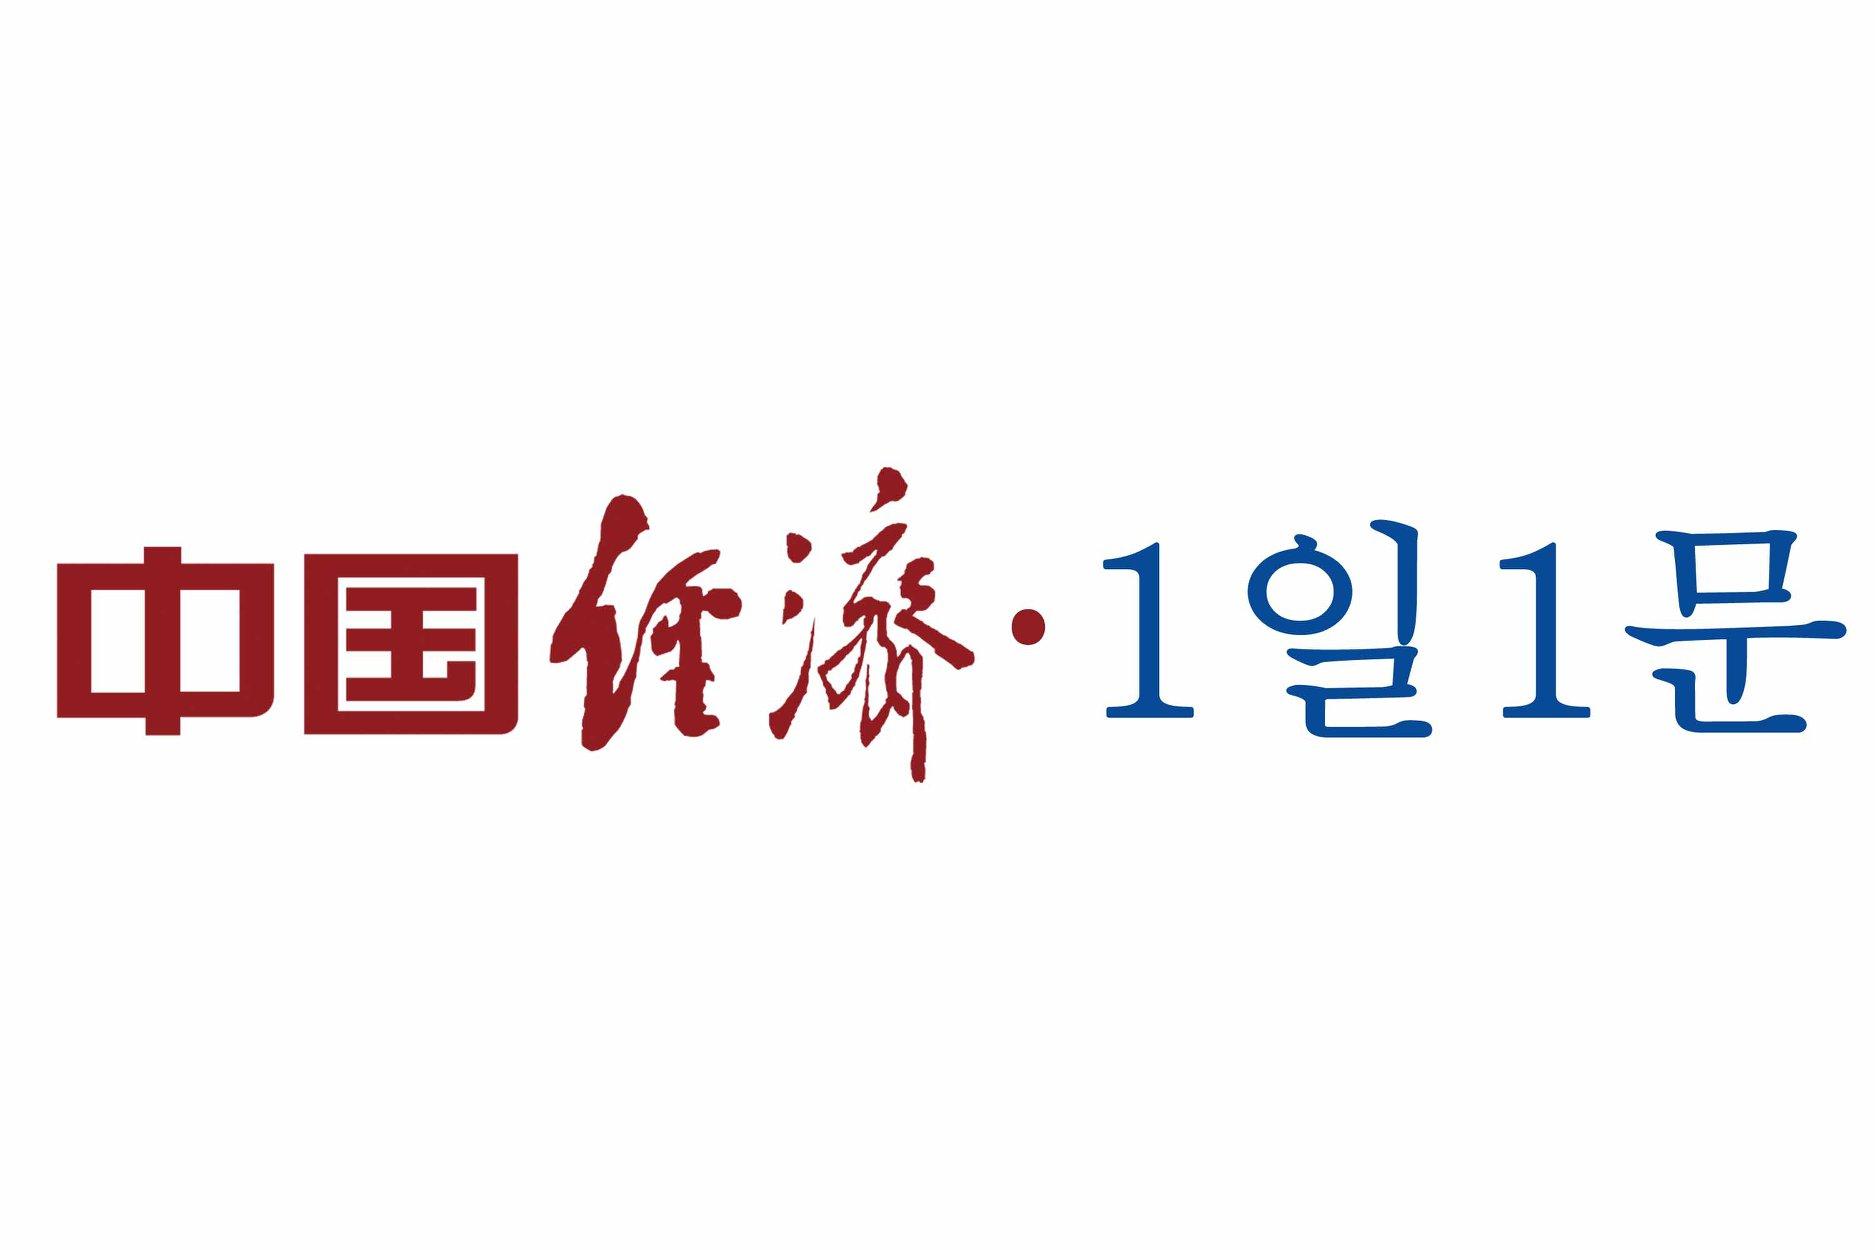 [중국경제 1일1문]니트릴 고무 반덤핑 확정, 한국기업에게 어떤 영향을 미치는지…